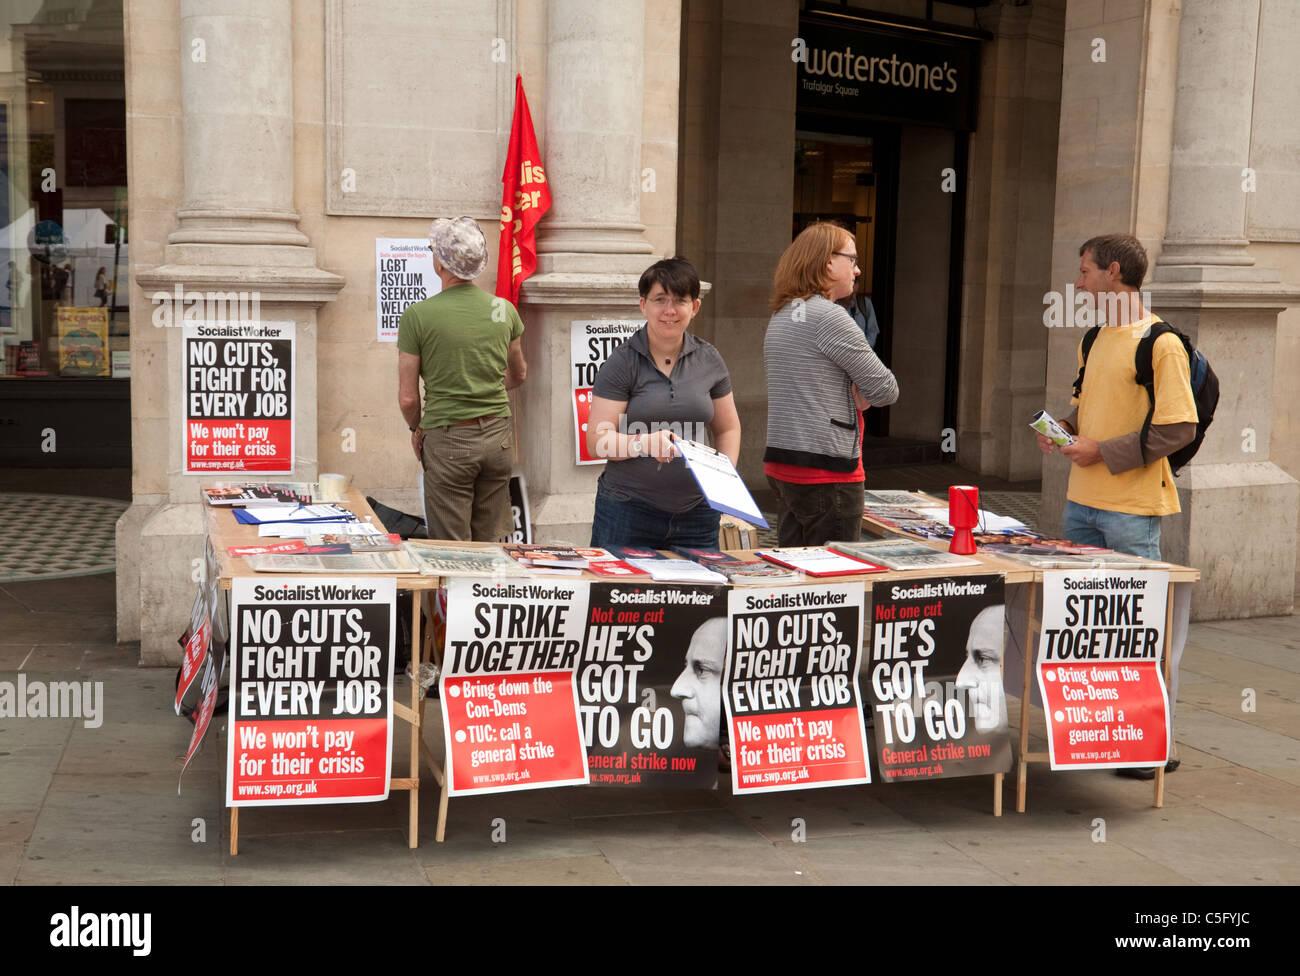 Sozialistische Arbeiter-Zeitung stand, Trafalgar Square London UK Stockbild